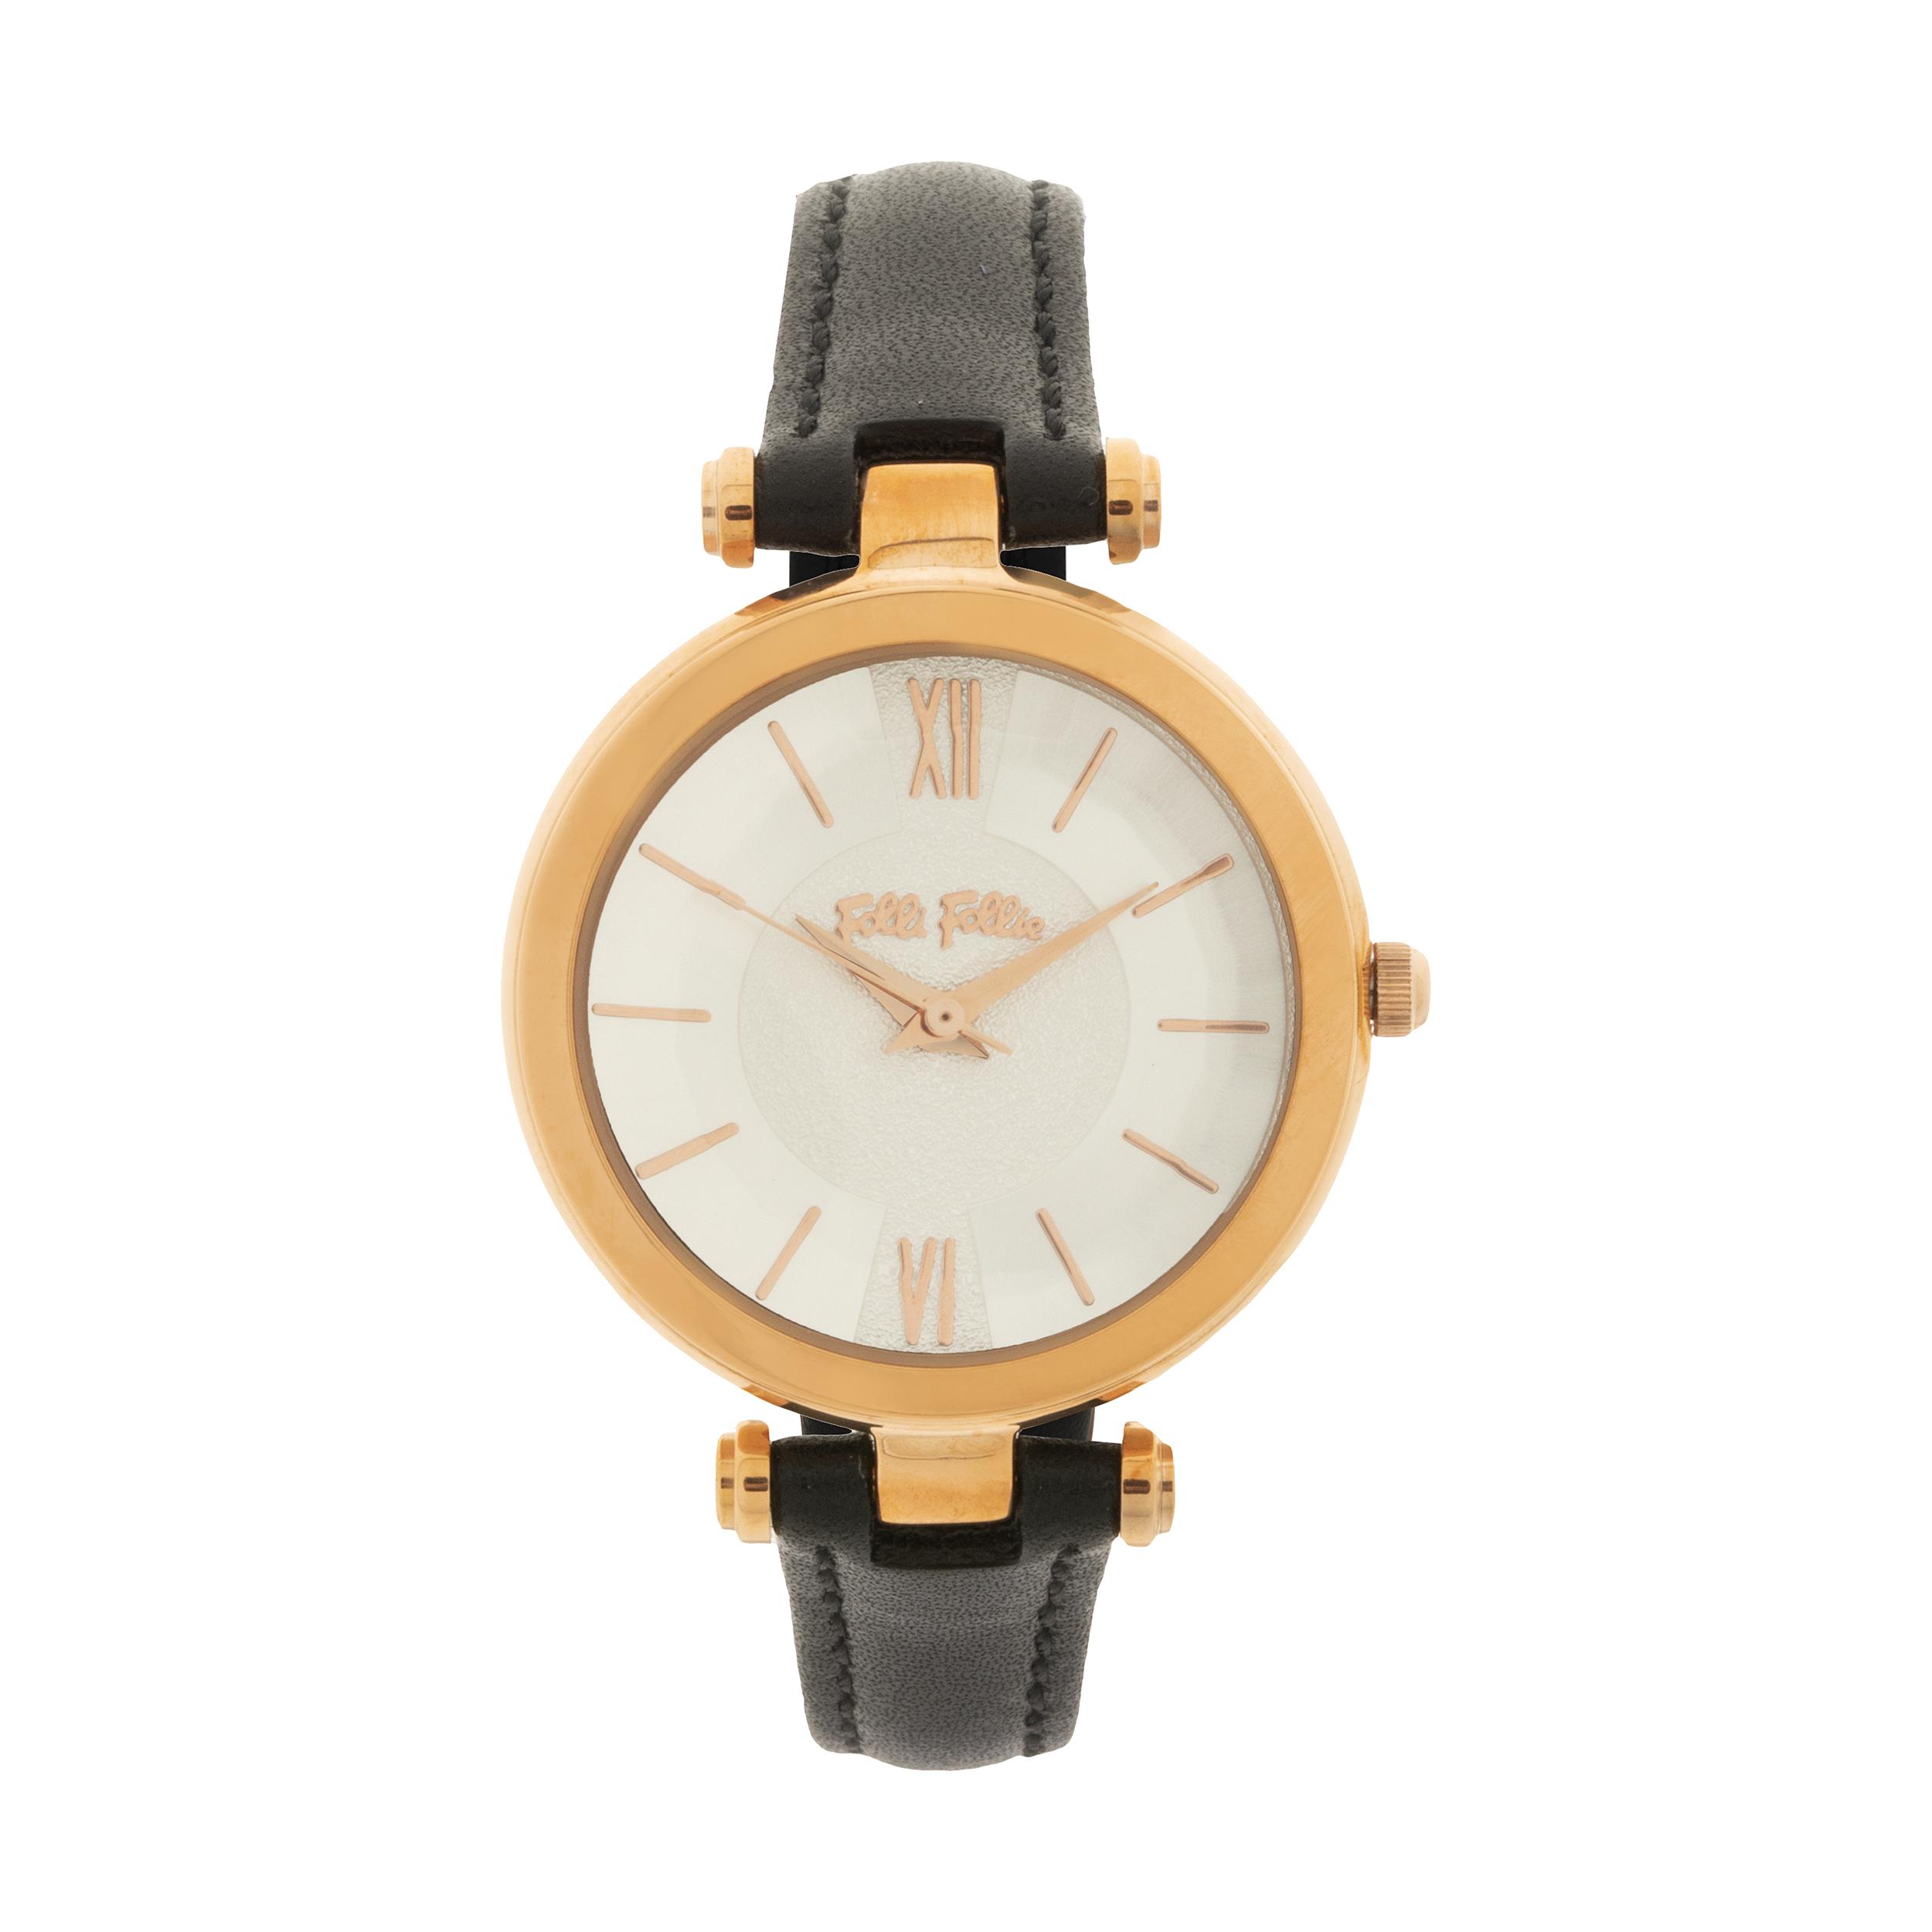 قیمت ساعت مچی عقربه ای زنانه فولی فولیه مدل WF16R009SPS-BK (بدون جعبه اورجینال)              خرید (⭐️⭐️⭐️)